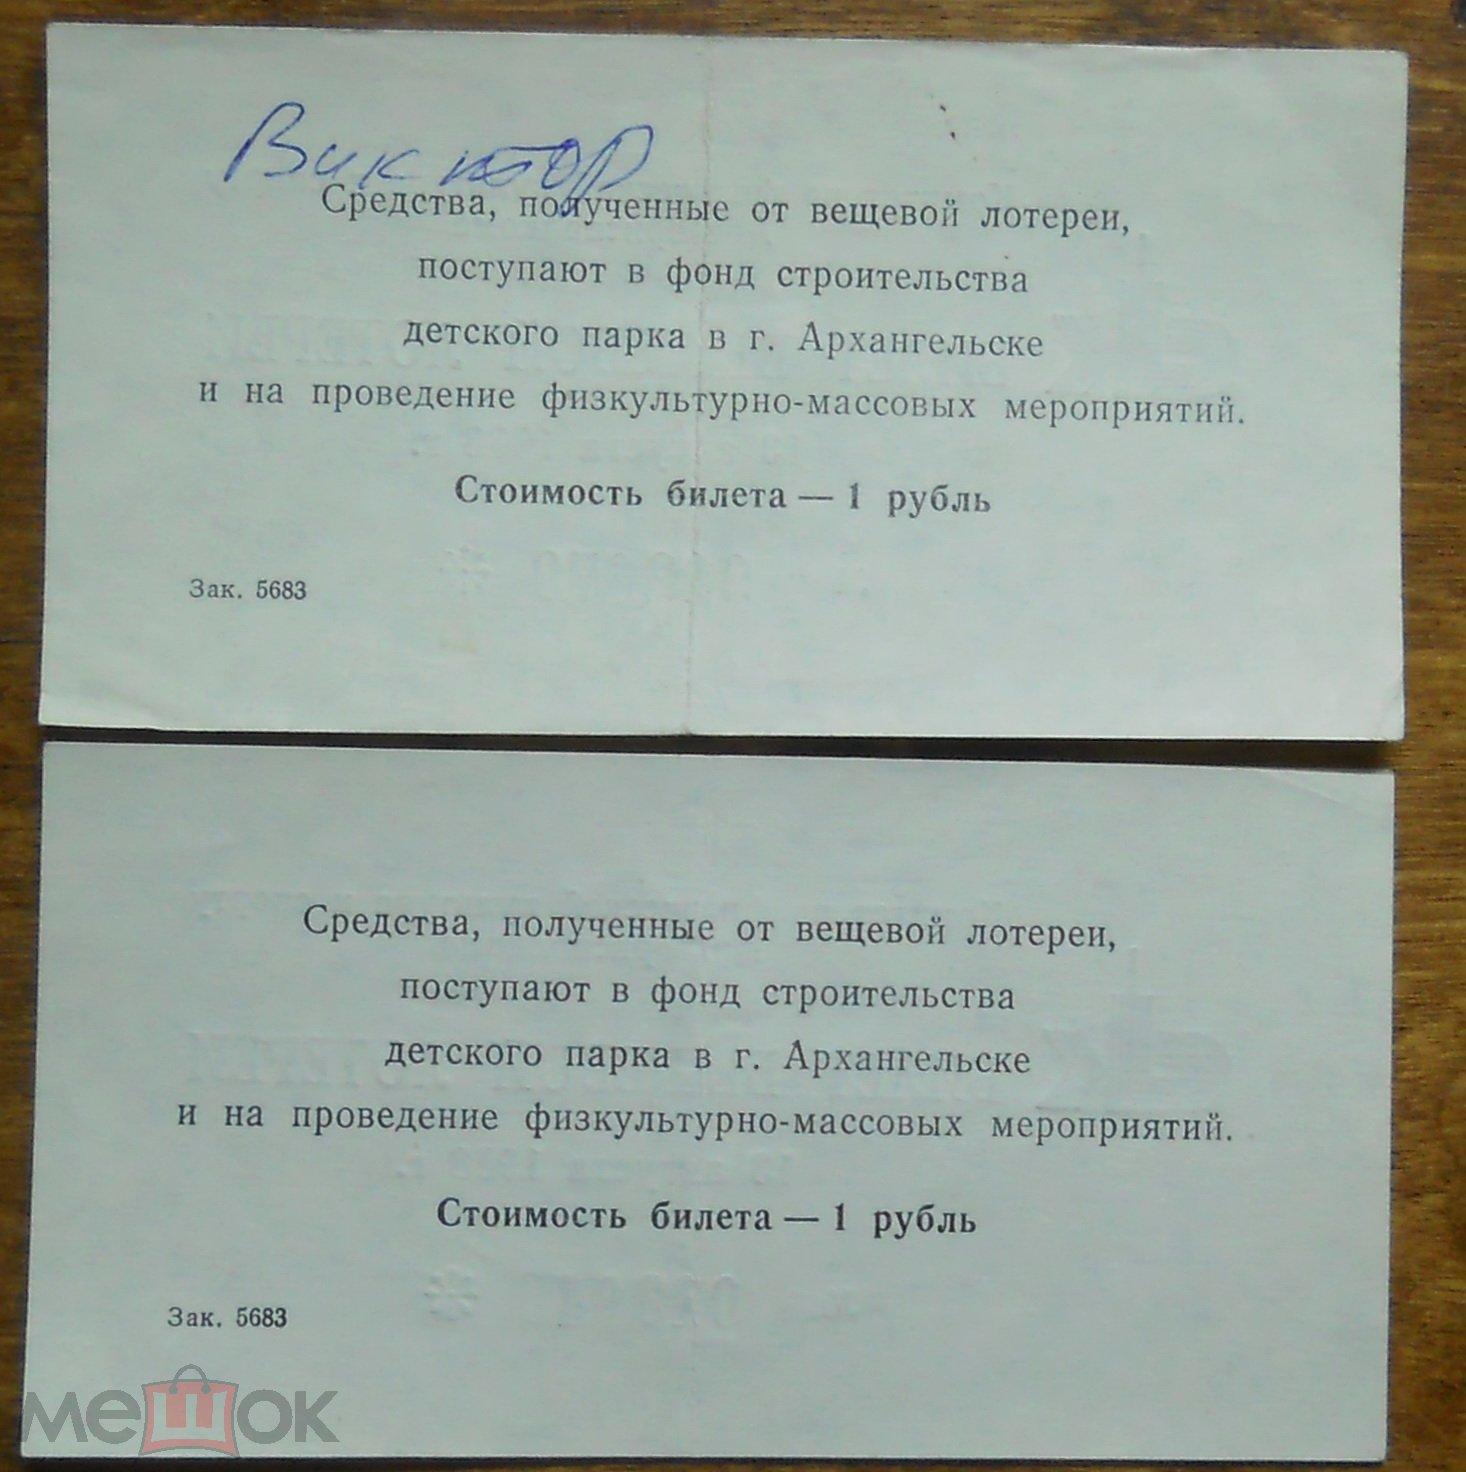 билет Вещевой Лотереи 1988 г. Архангельск.( 2 ШТ РАЗОМ) №4